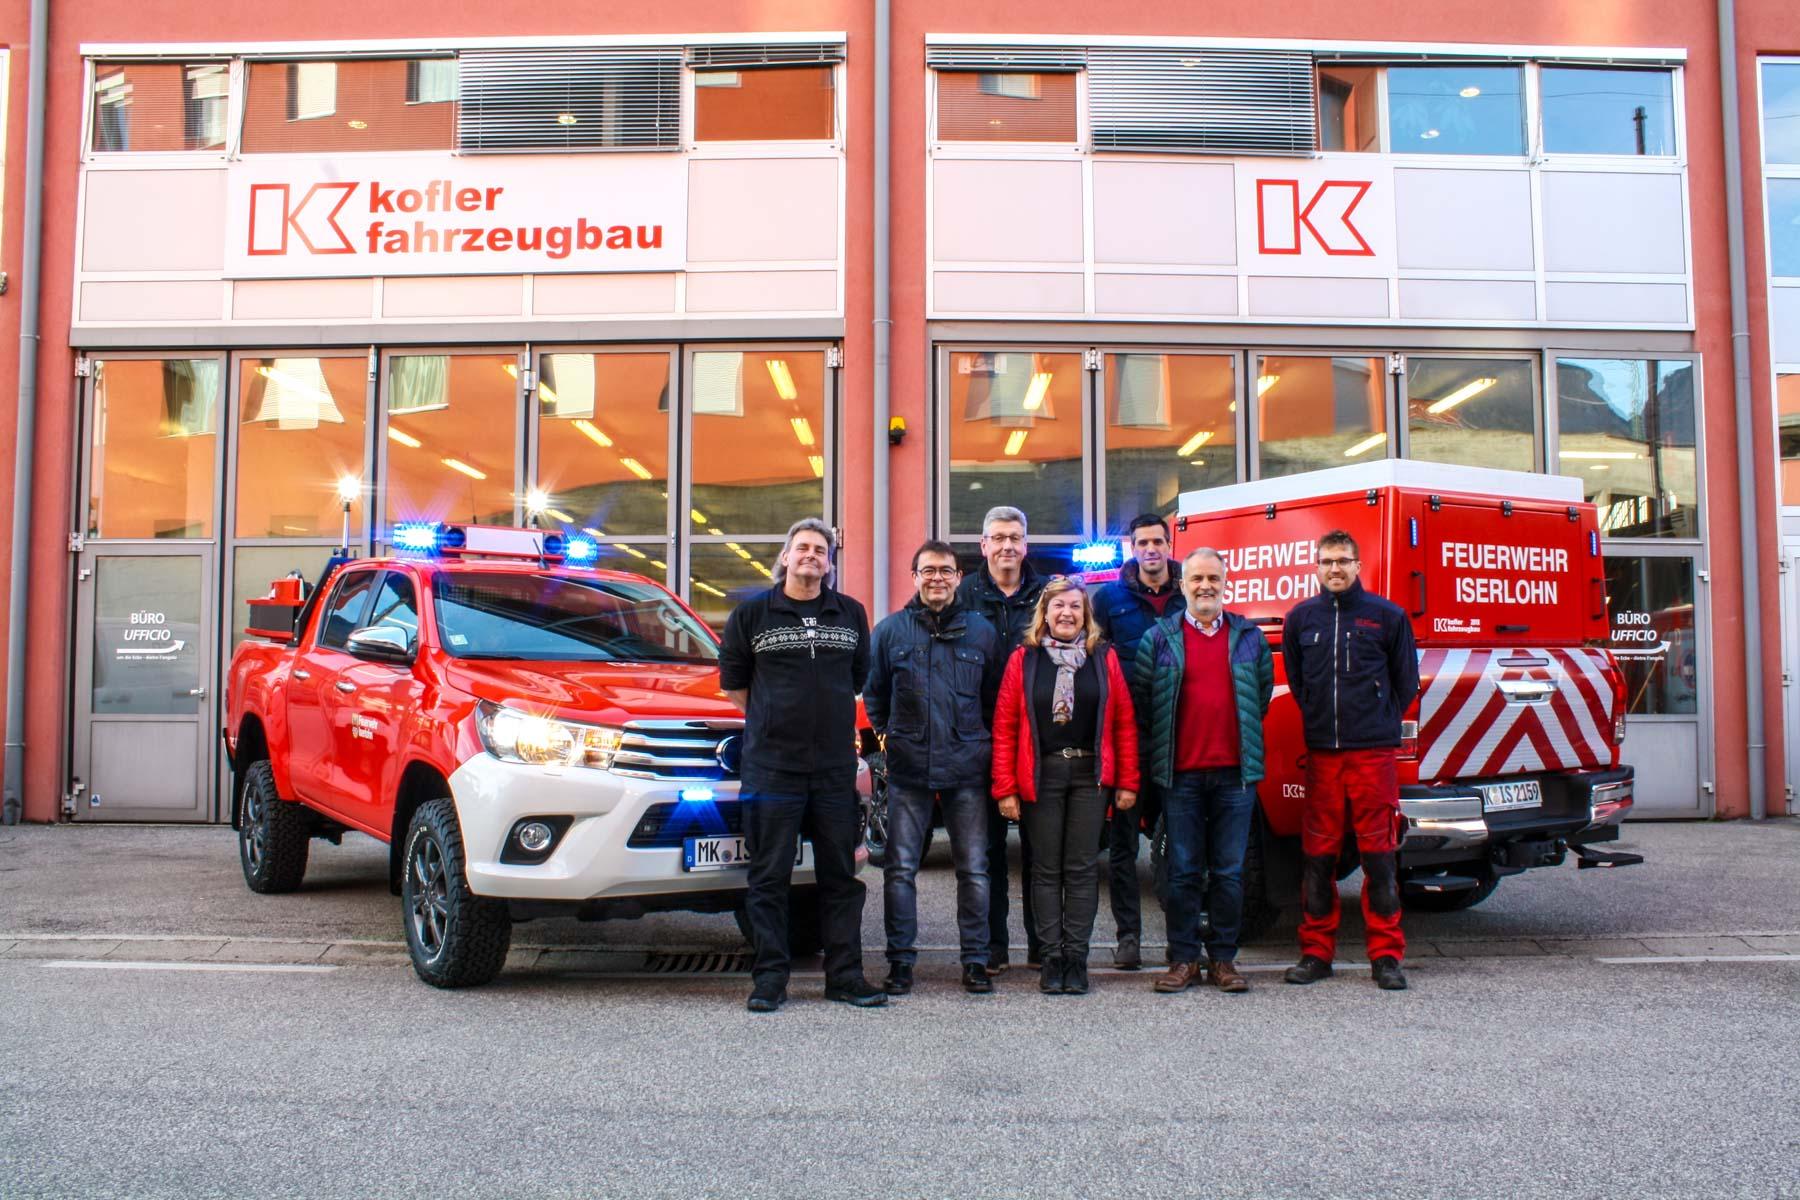 Kofler-Fahrzeugbau-Feuerwehr-Iserlohn